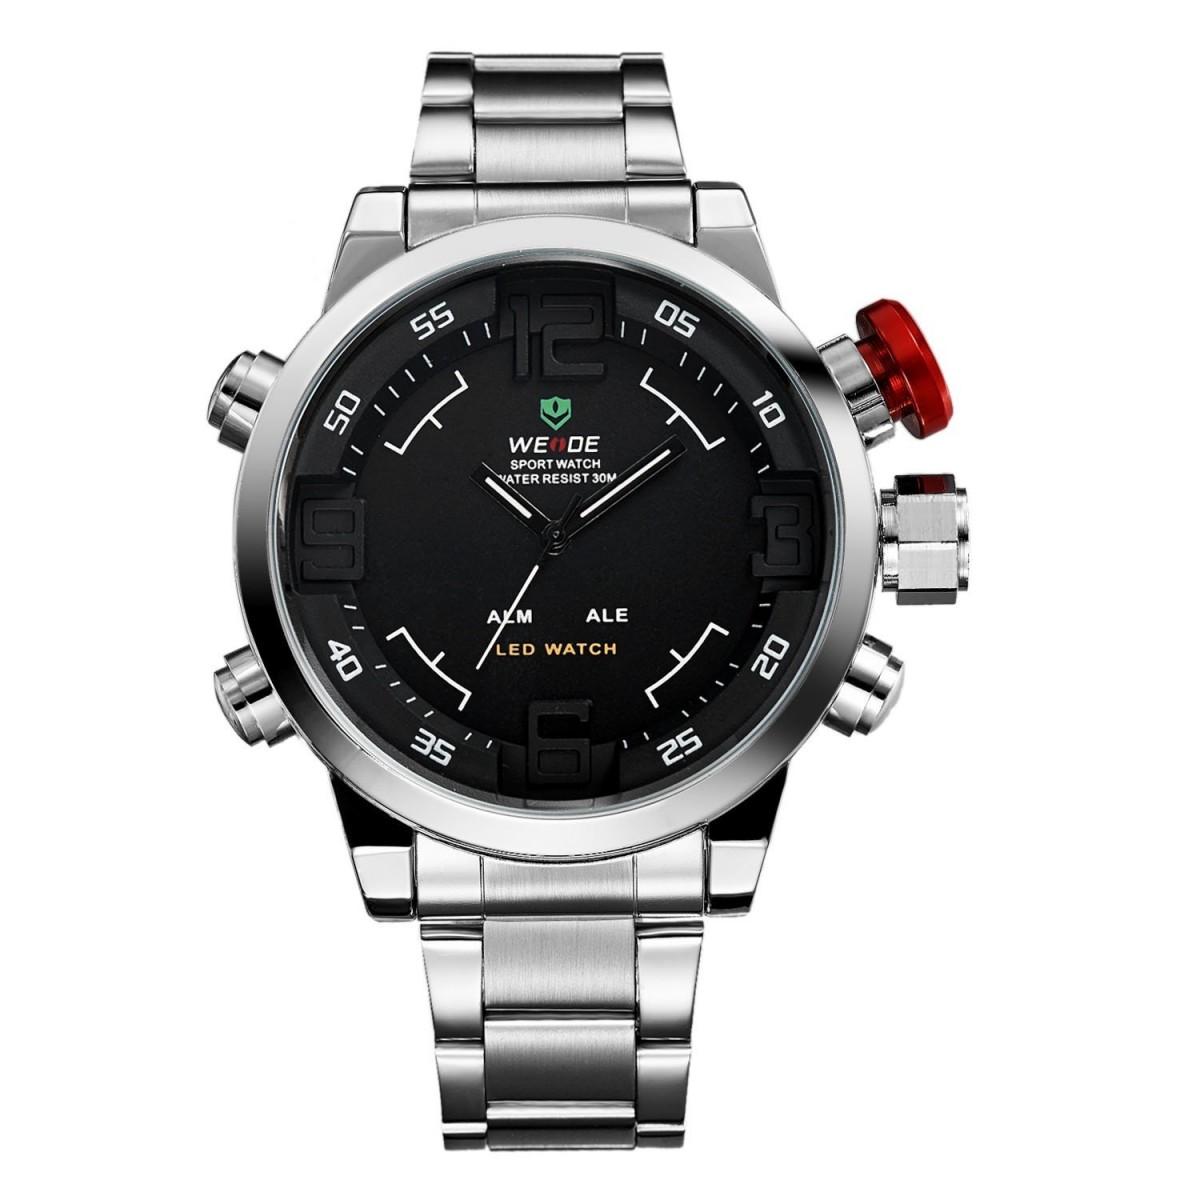 3f8e07507 Pánské hodinky Weide Hard - Stříbrno-černé + poštovné jen za 1 Kč ...